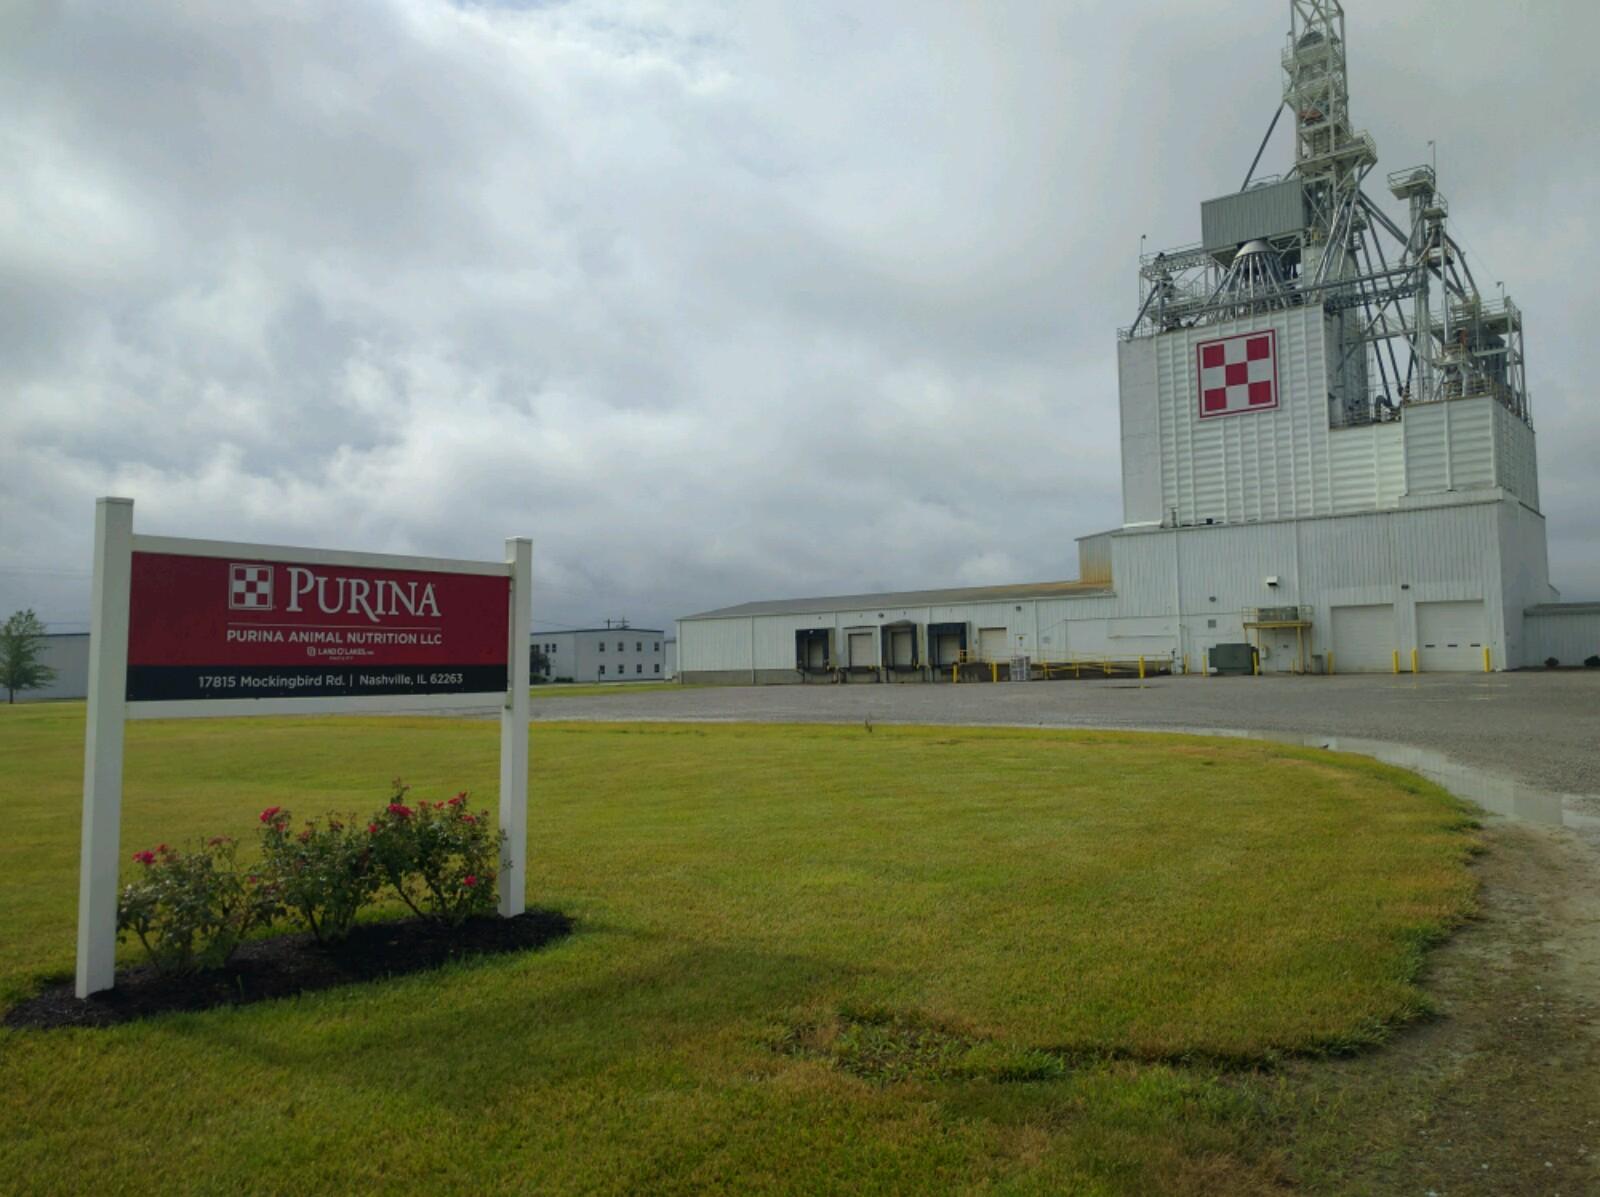 Purina plant in Nashville, Illinois.